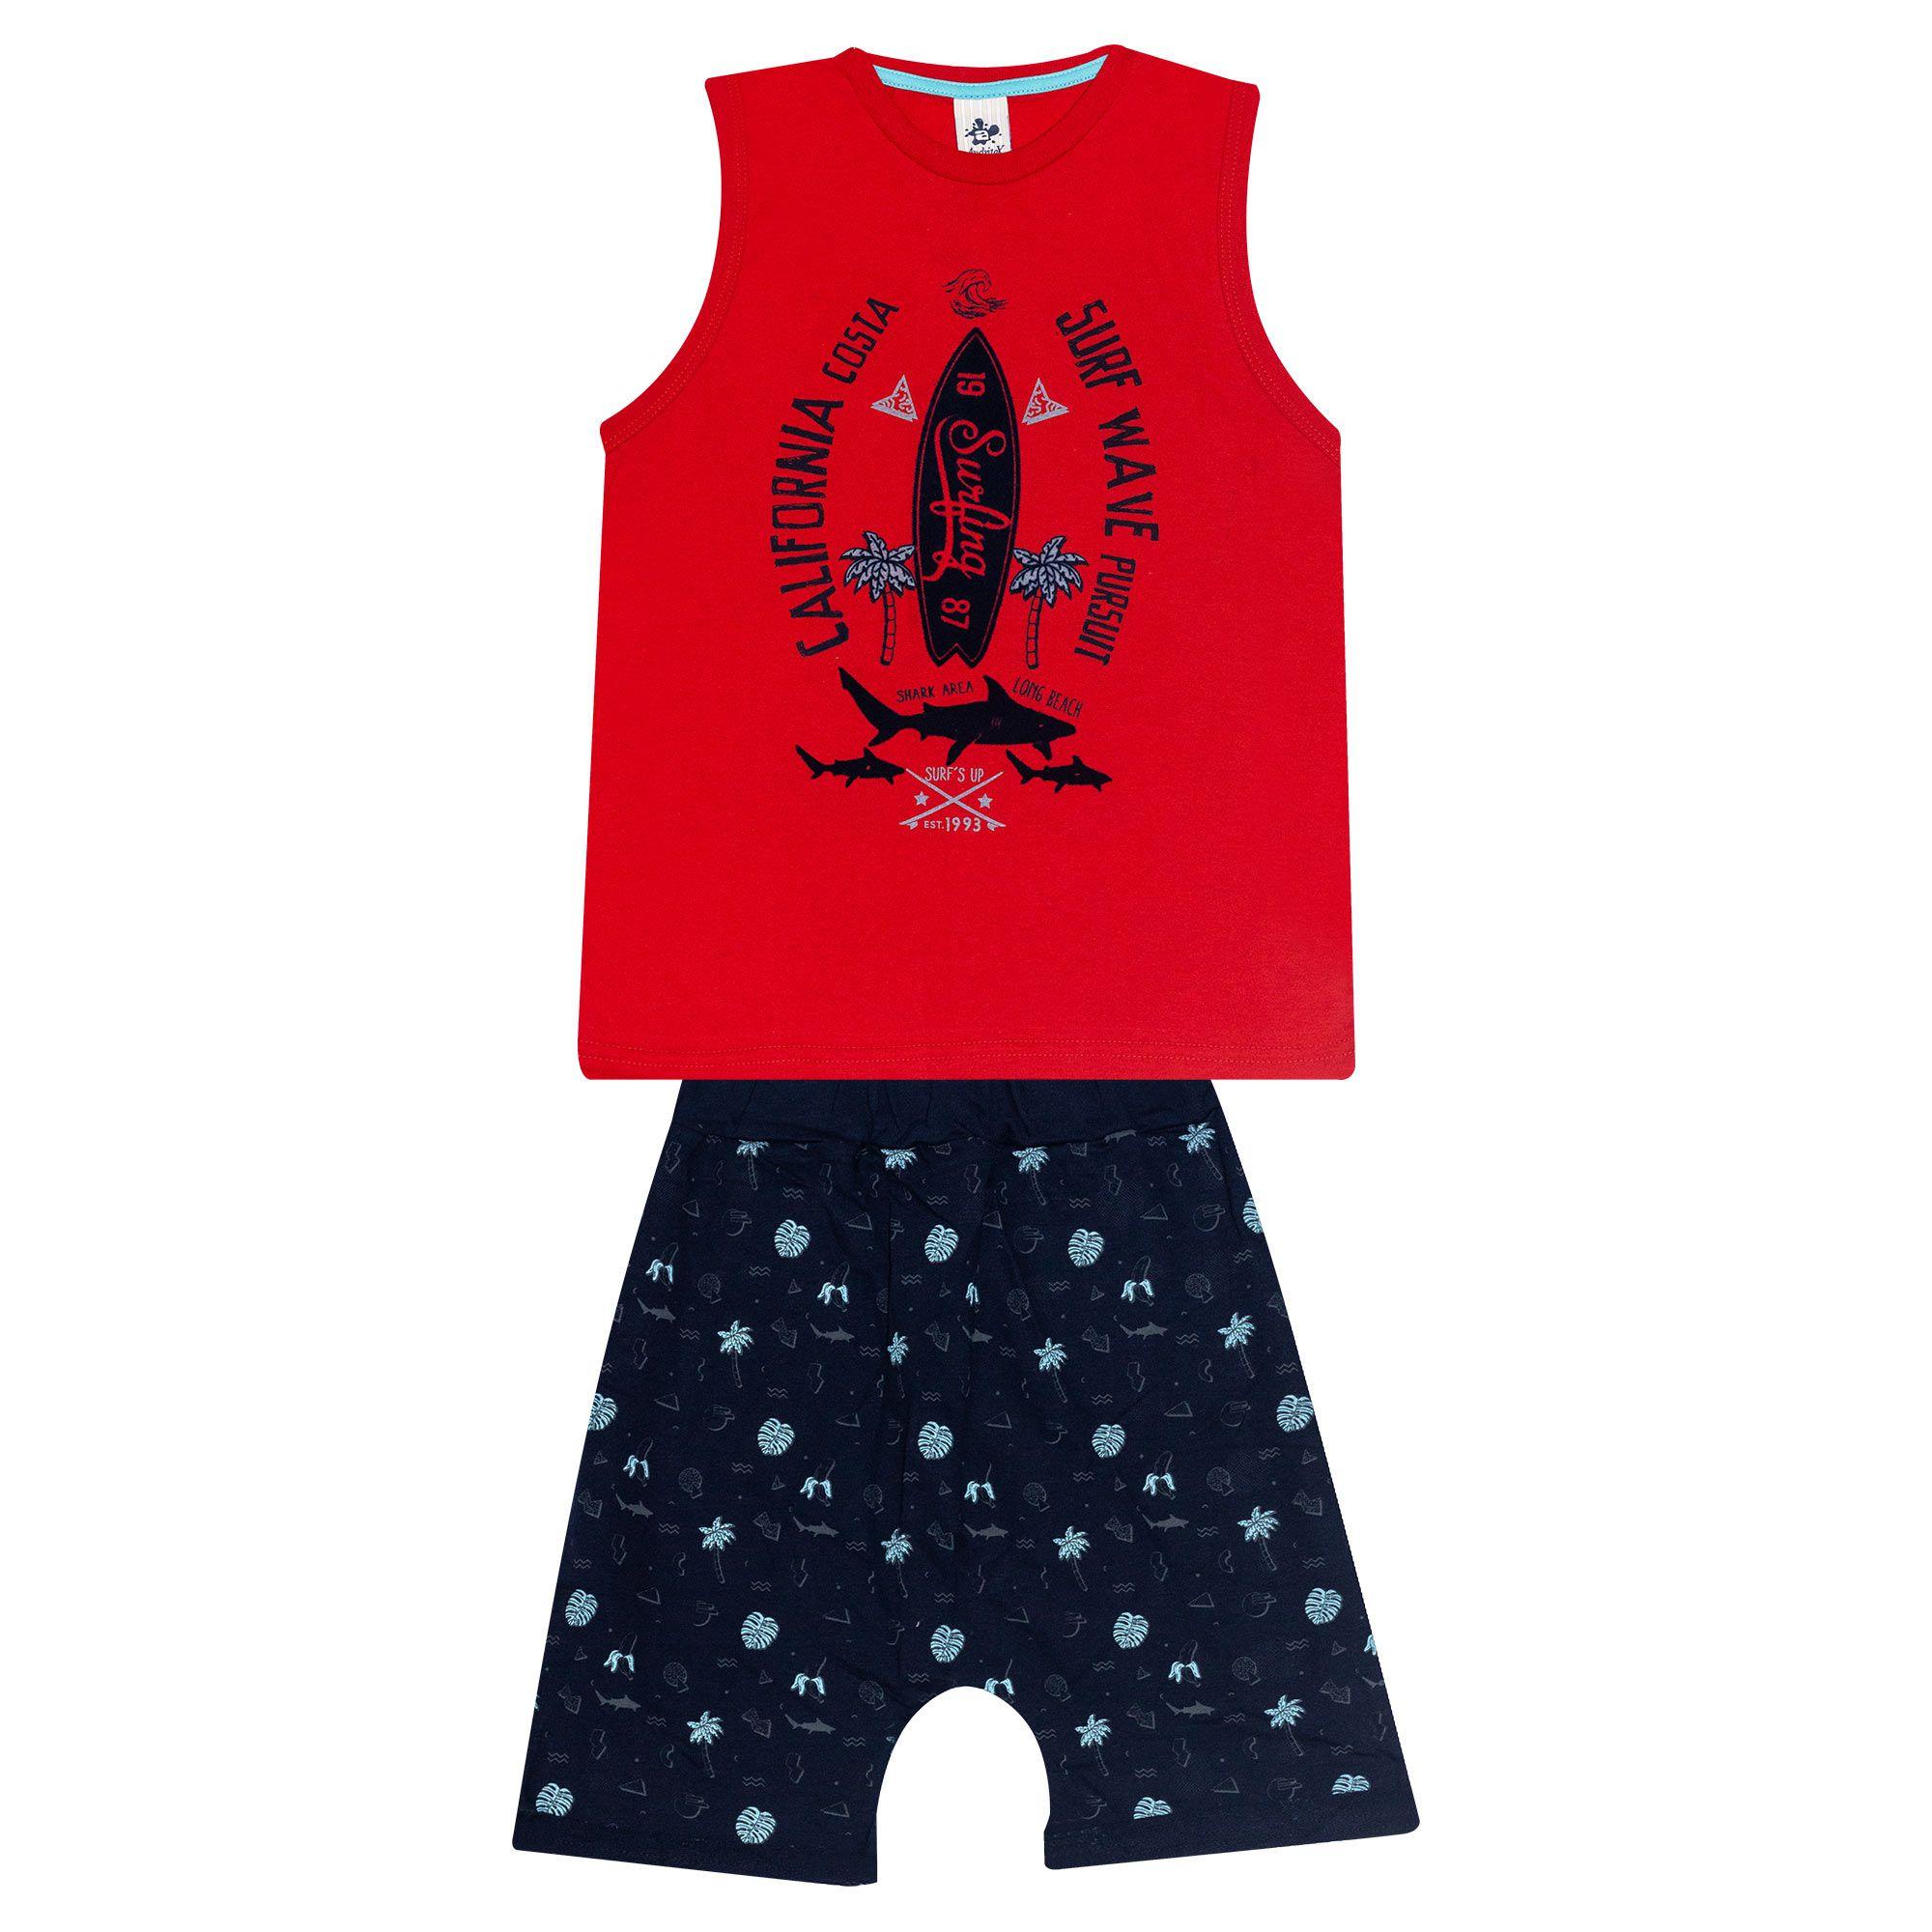 Conjunto Infantil Masculino - Ref 4783  - Vermelho - Andritex